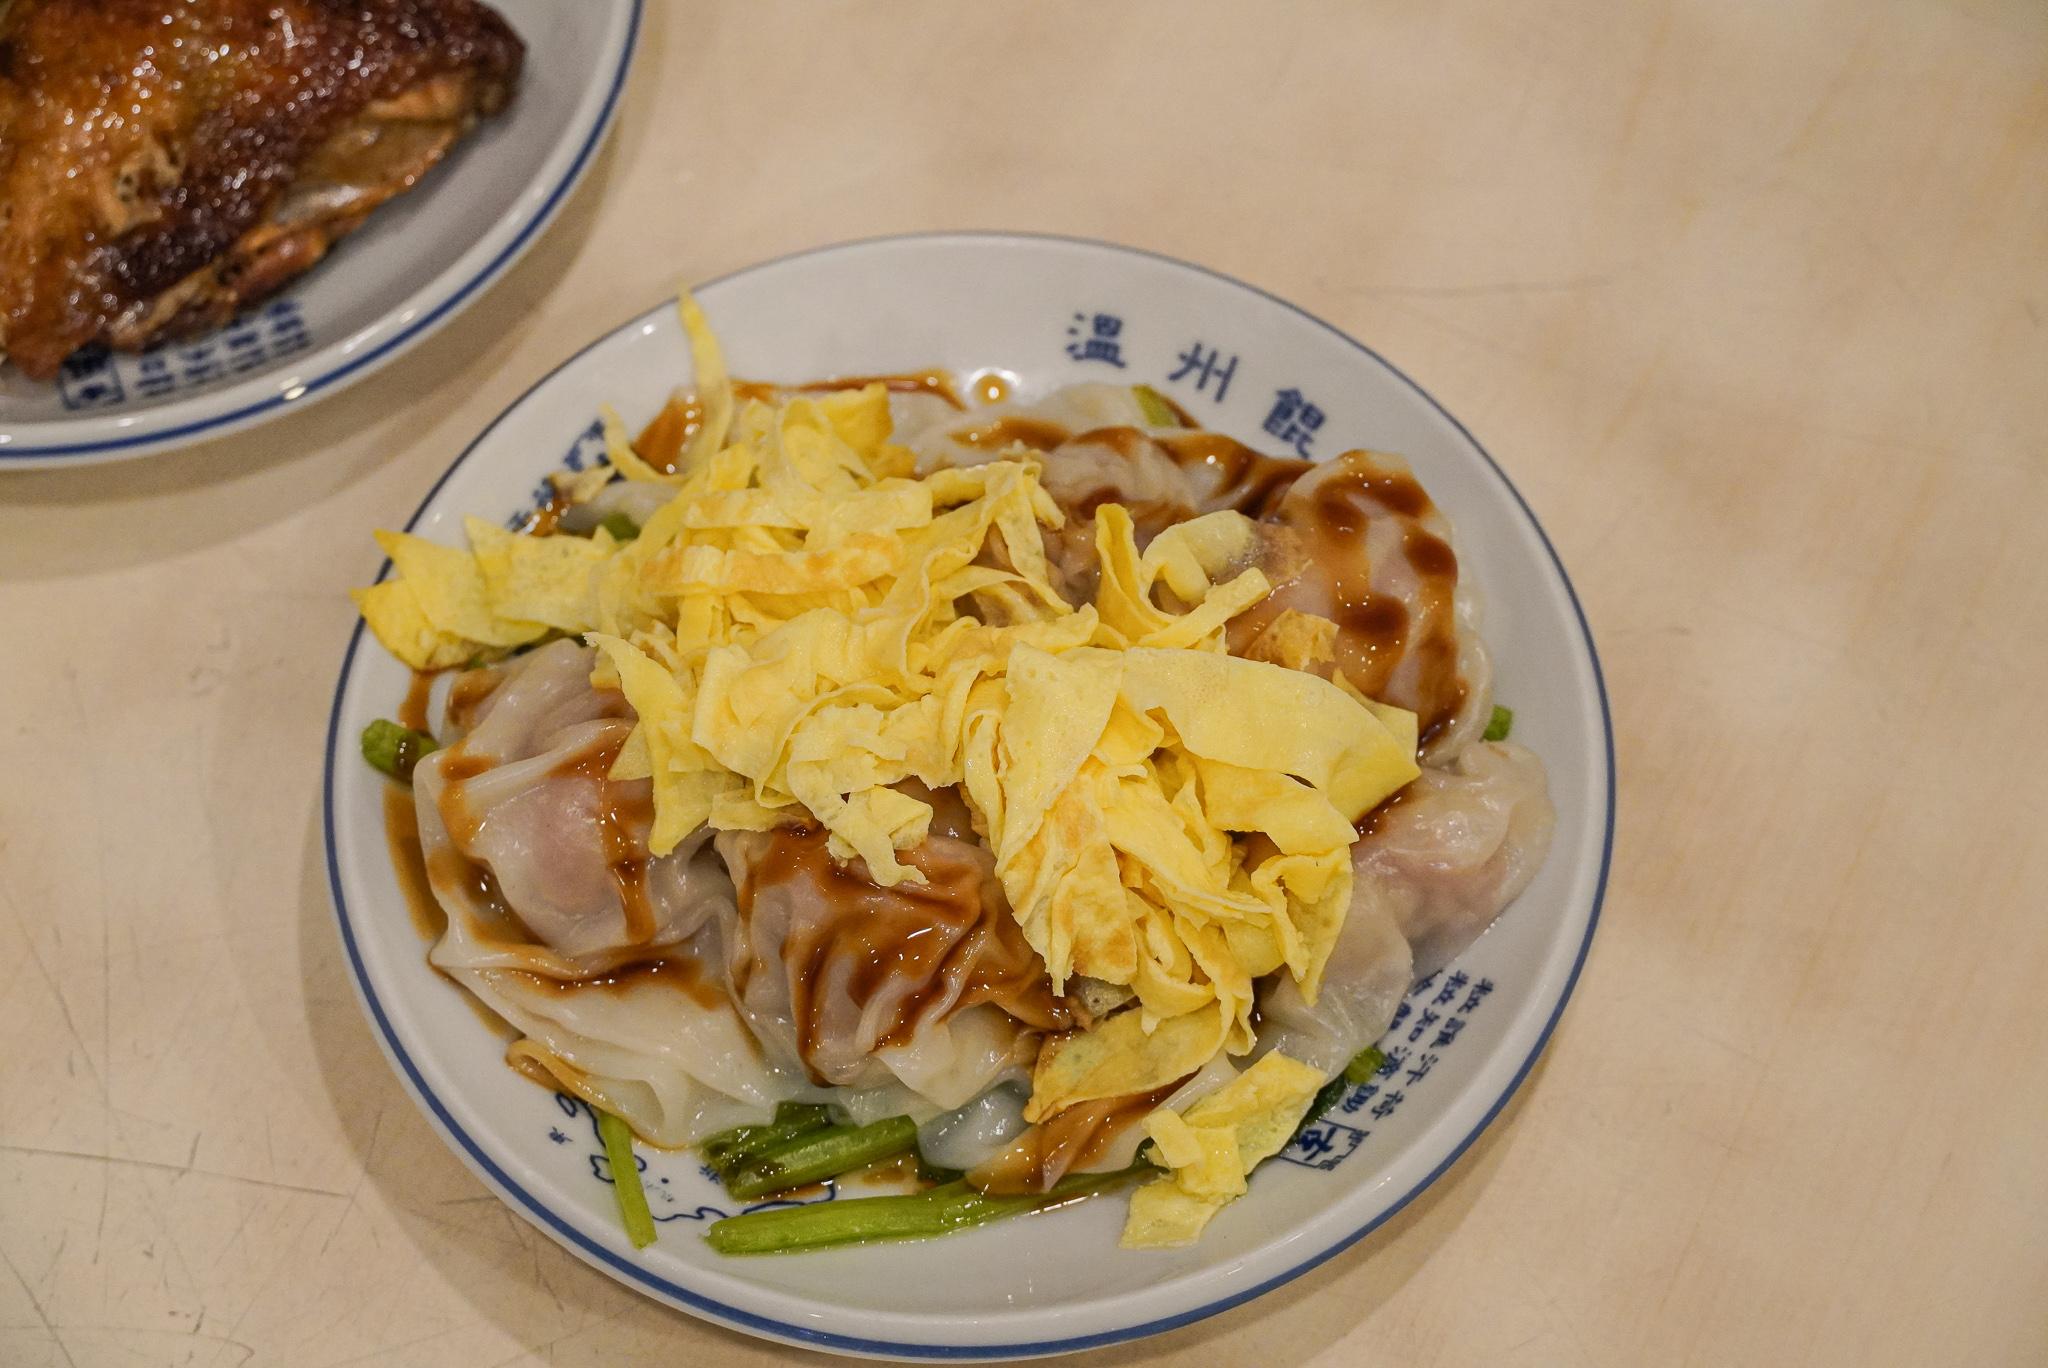 ☆【新北|淡水站】百葉溫州餛飩。周董套餐這樣點~天王周杰倫的學生回憶